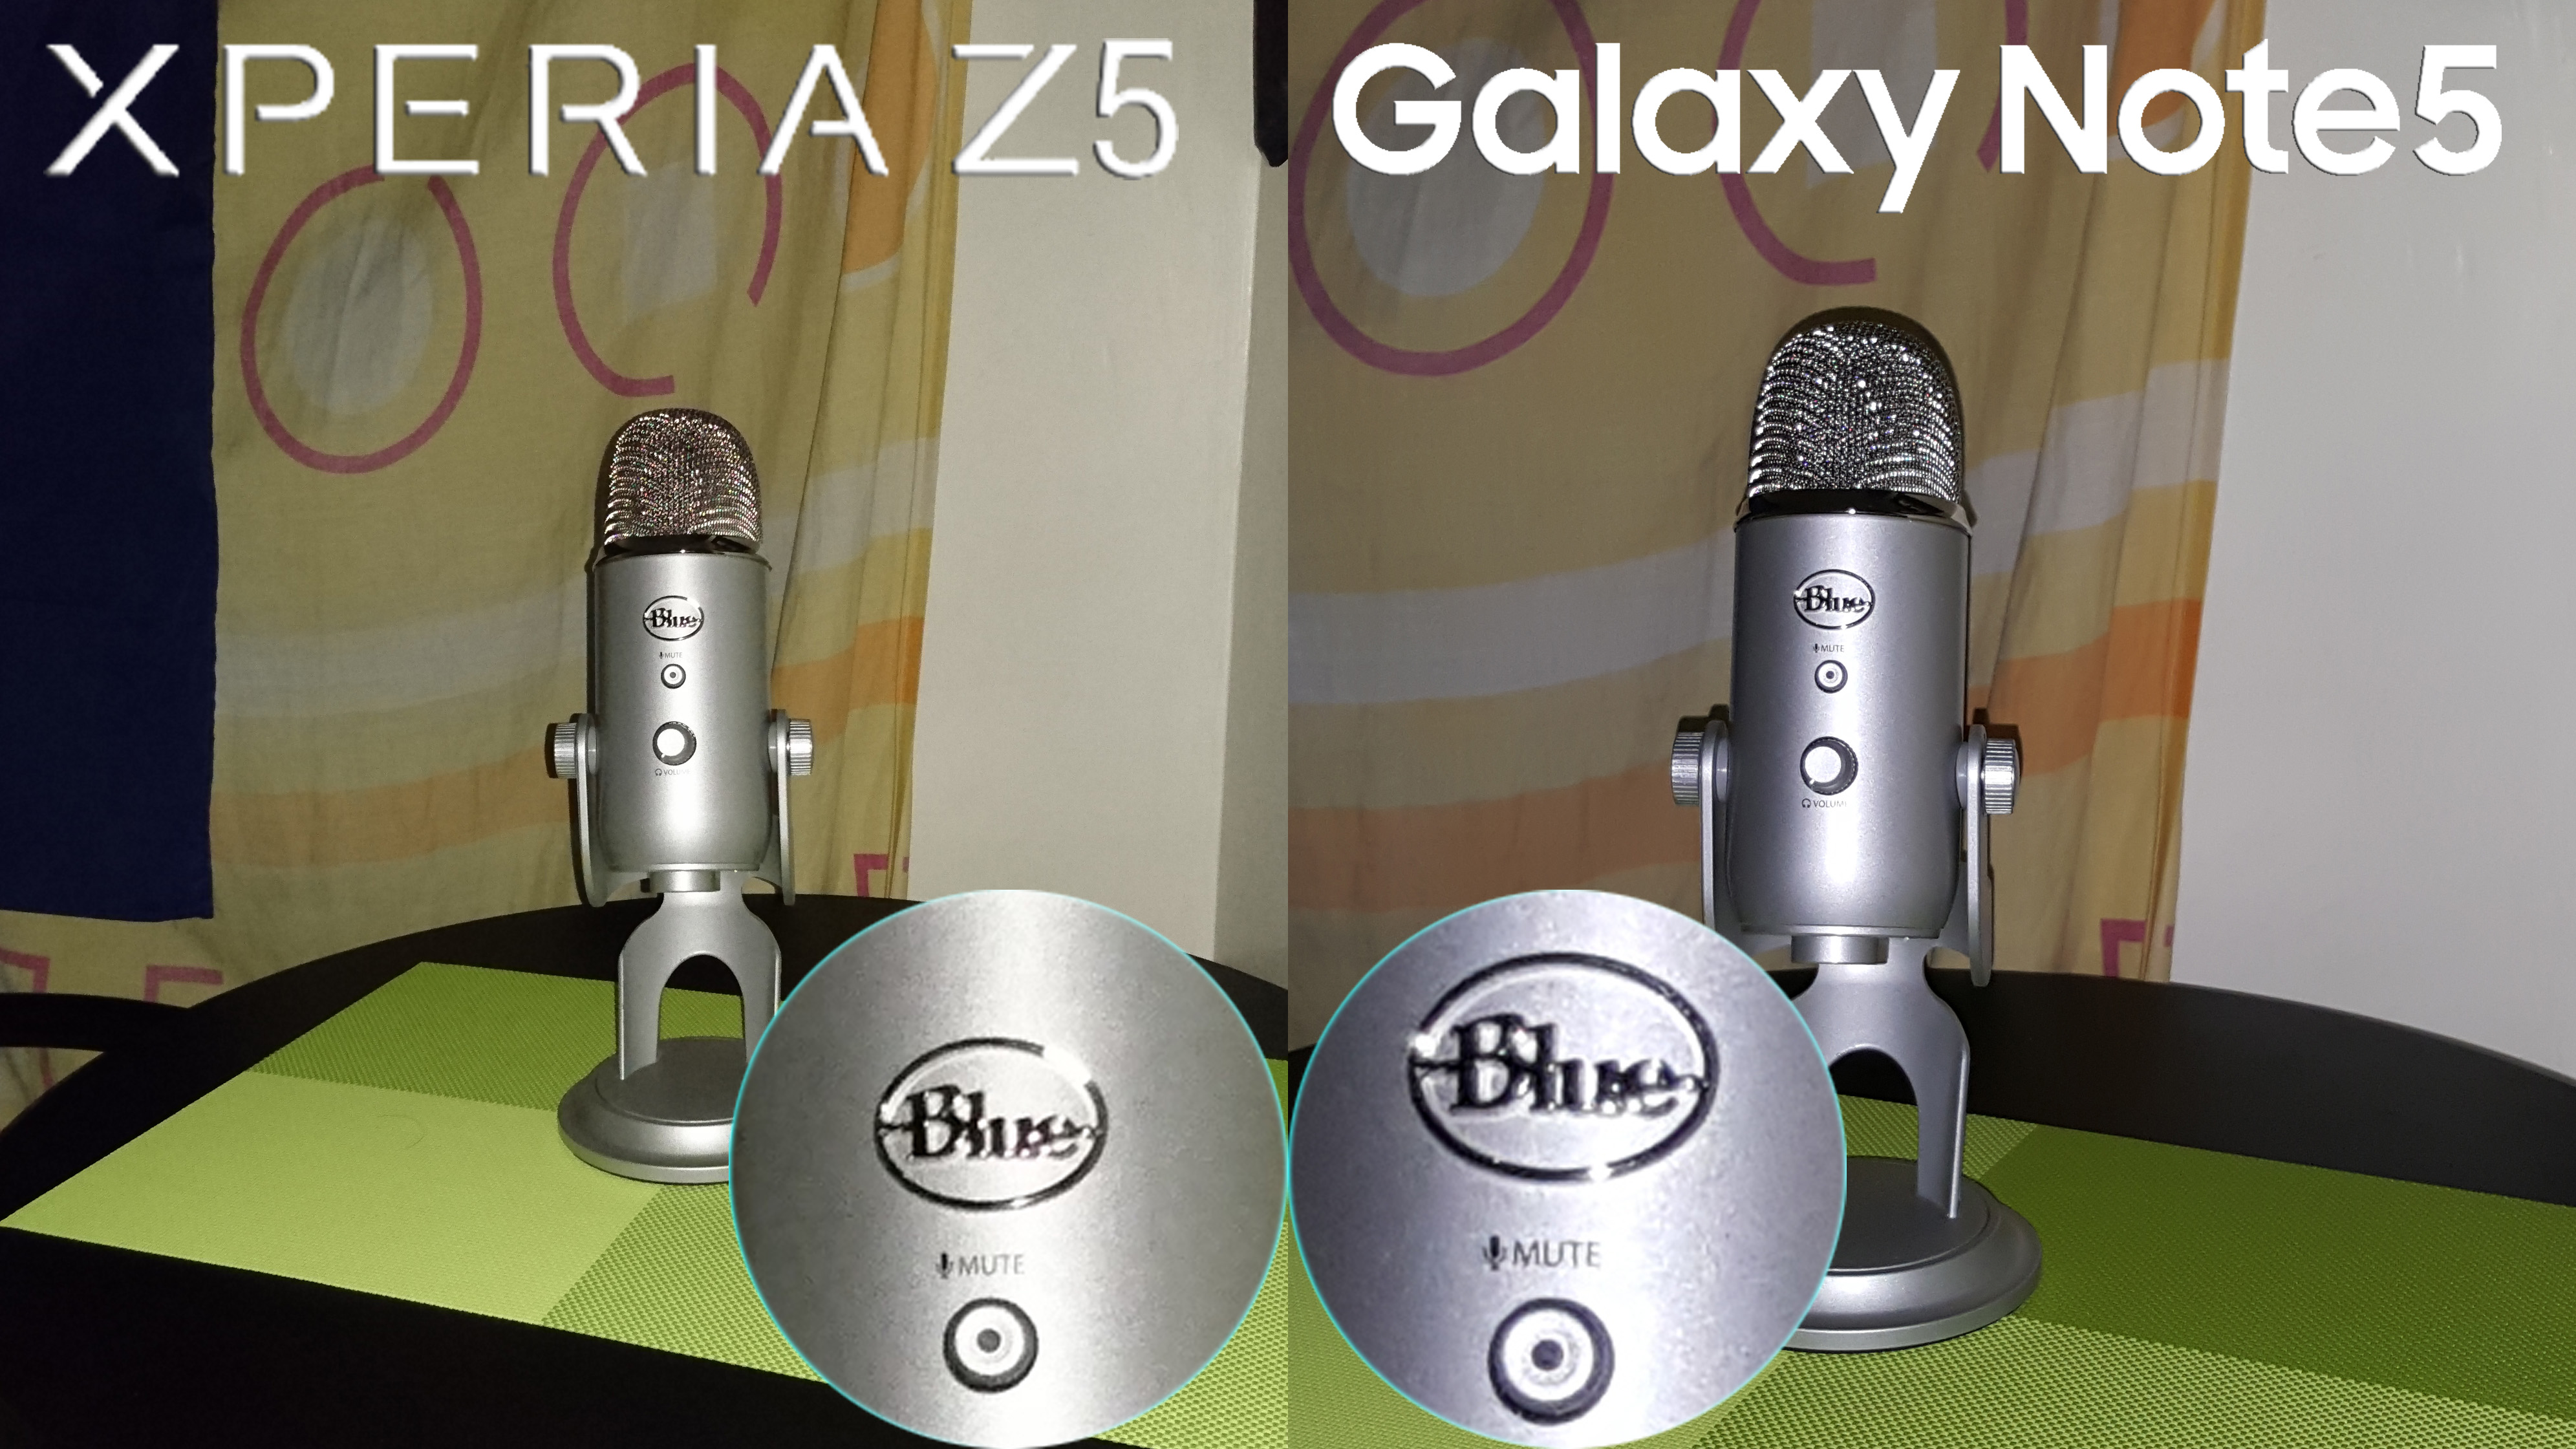 sony xperia z5 vs samsung galaxy note 5 comparison camera. Black Bedroom Furniture Sets. Home Design Ideas